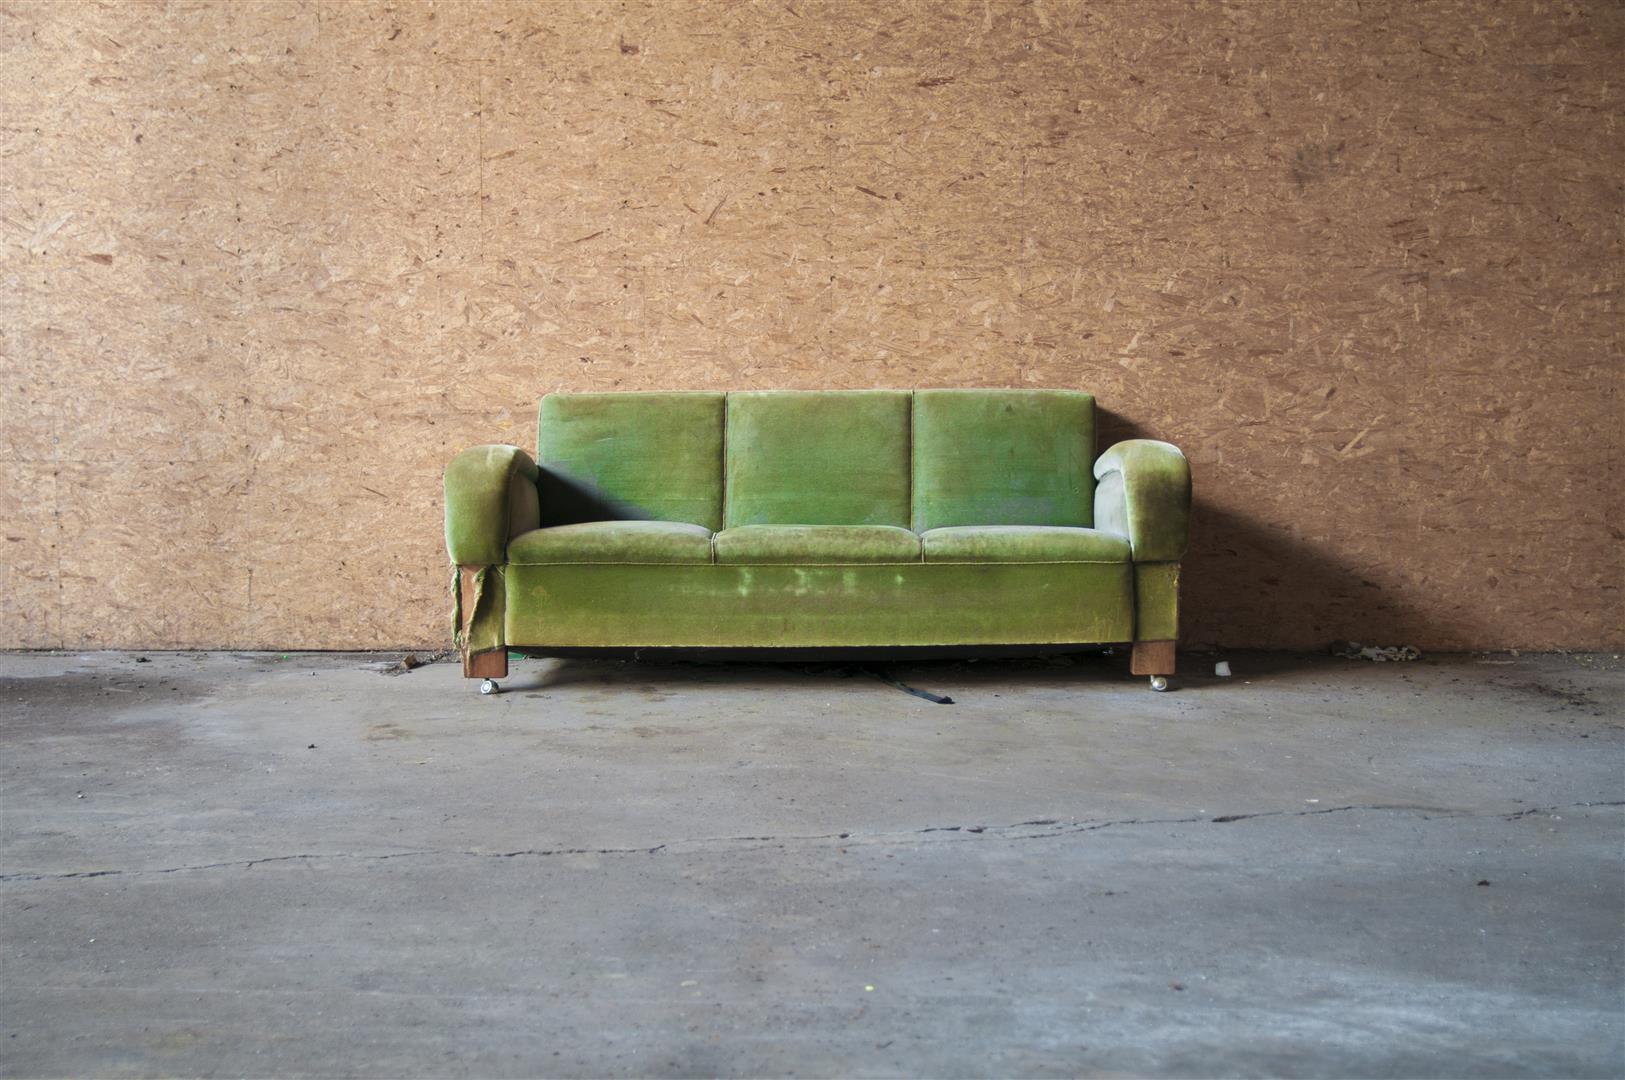 sofa gebraucht foto bild m bel sitzm bel alltagsdesign bilder auf fotocommunity. Black Bedroom Furniture Sets. Home Design Ideas